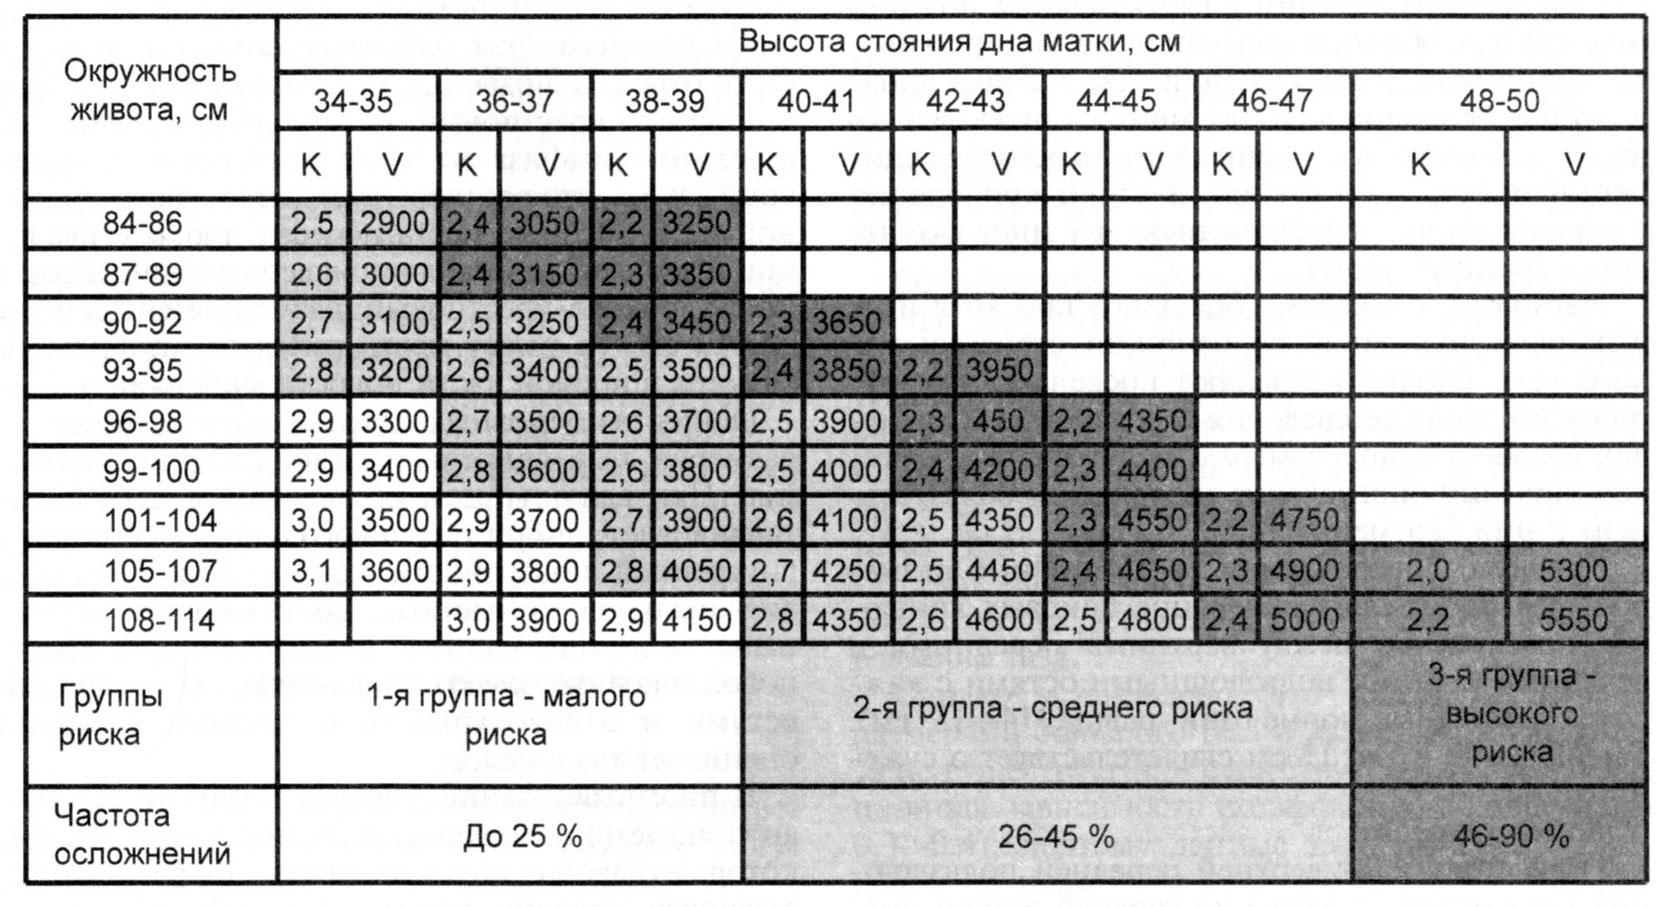 Таблица соответствия ИАЖ